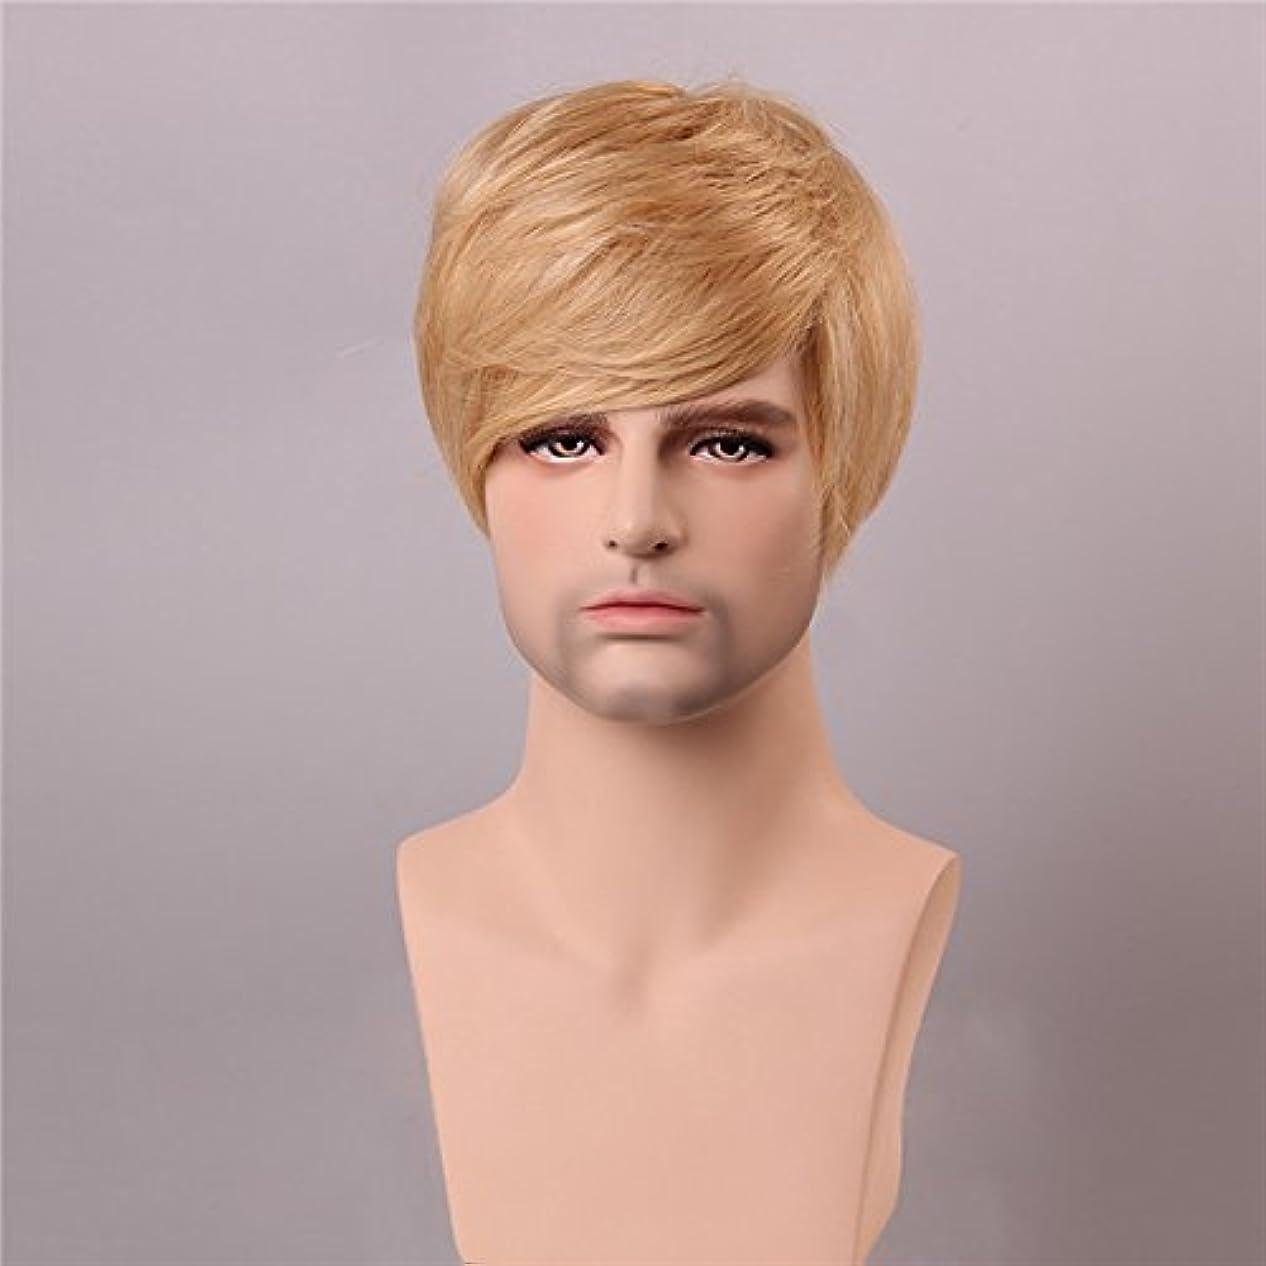 海外テレックス確認YZUEYT ブロンドの男性短いモノラルトップの人間の髪のかつら男性のヴァージンレミーキャップレスサイドバング YZUEYT (Size : One size)